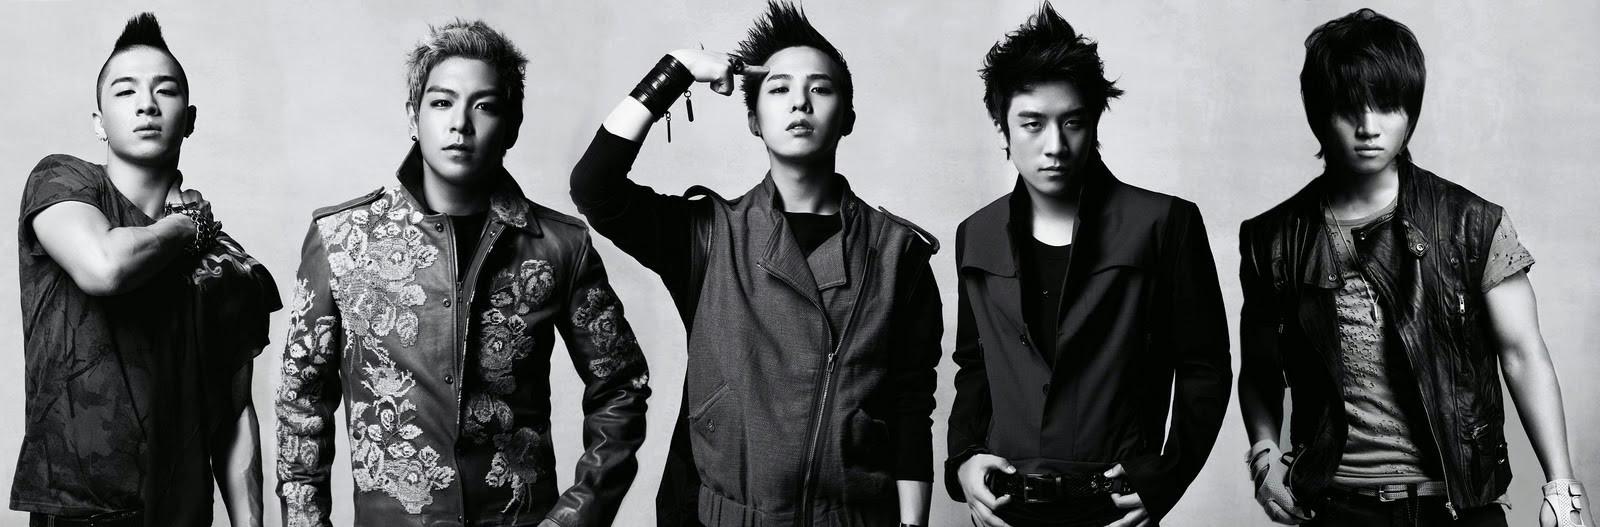 Seungri rời nhóm: Nước cờ để bảo vệ thương hiệu BIGBANG? - Ảnh 6.